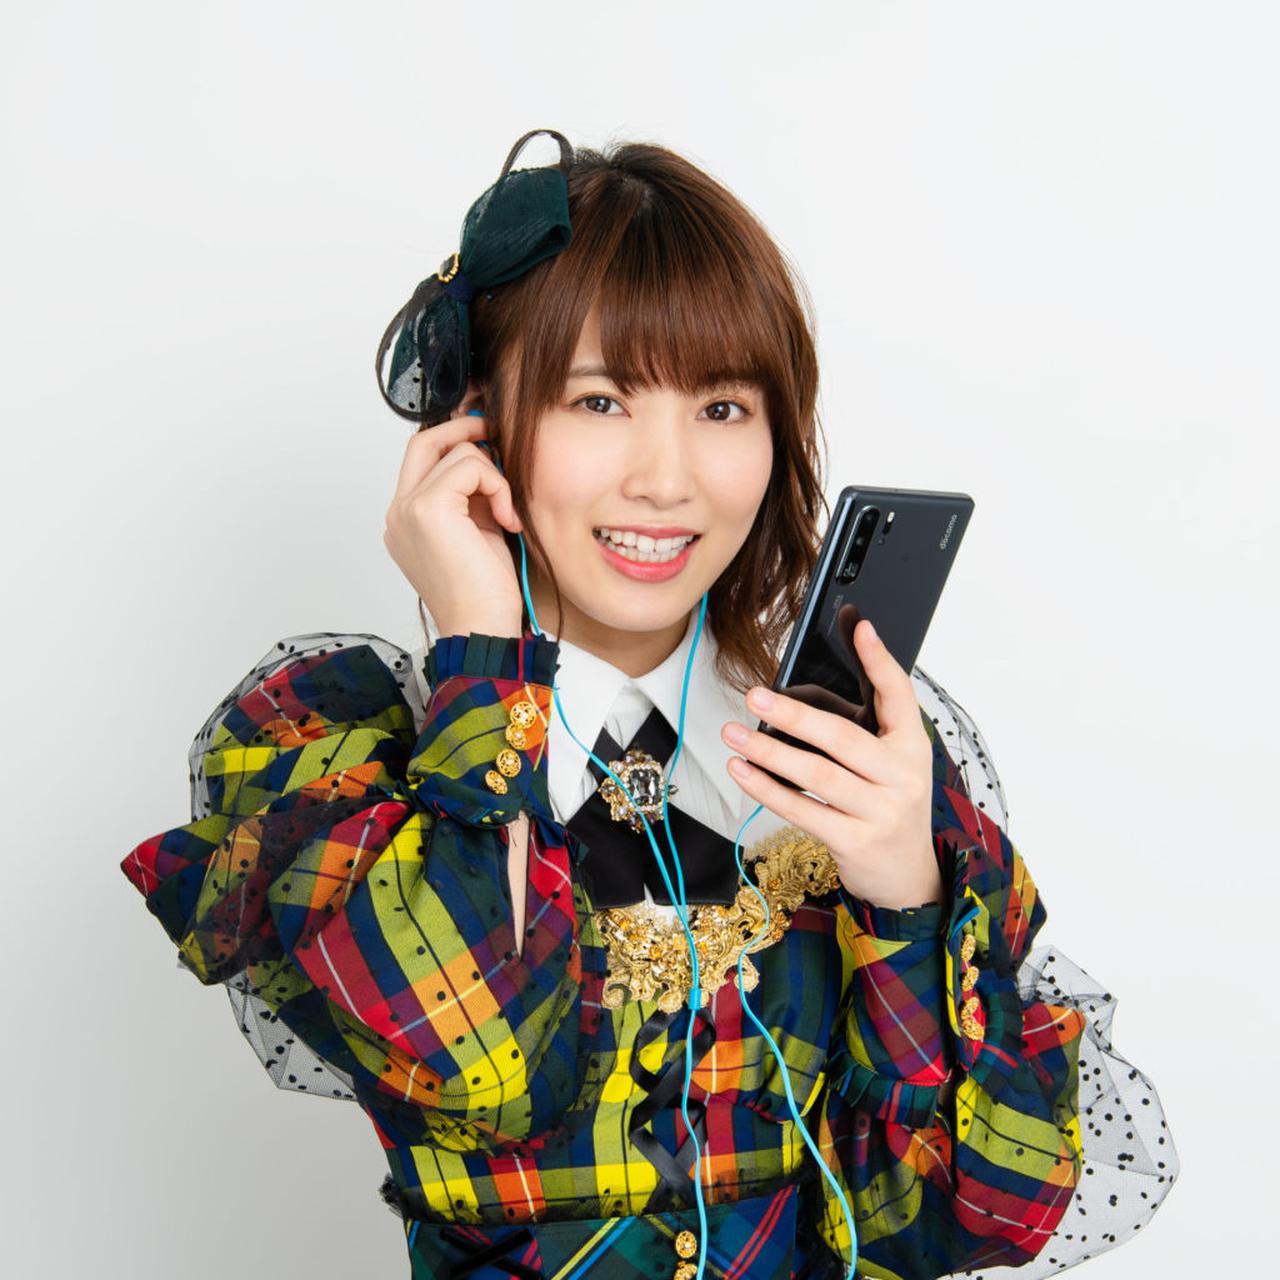 画像: 【AKB48岡部麟インタビュー】新曲「失恋、ありがとう」についての想いは?dヒッツで新コンテンツも公開!   レコログ